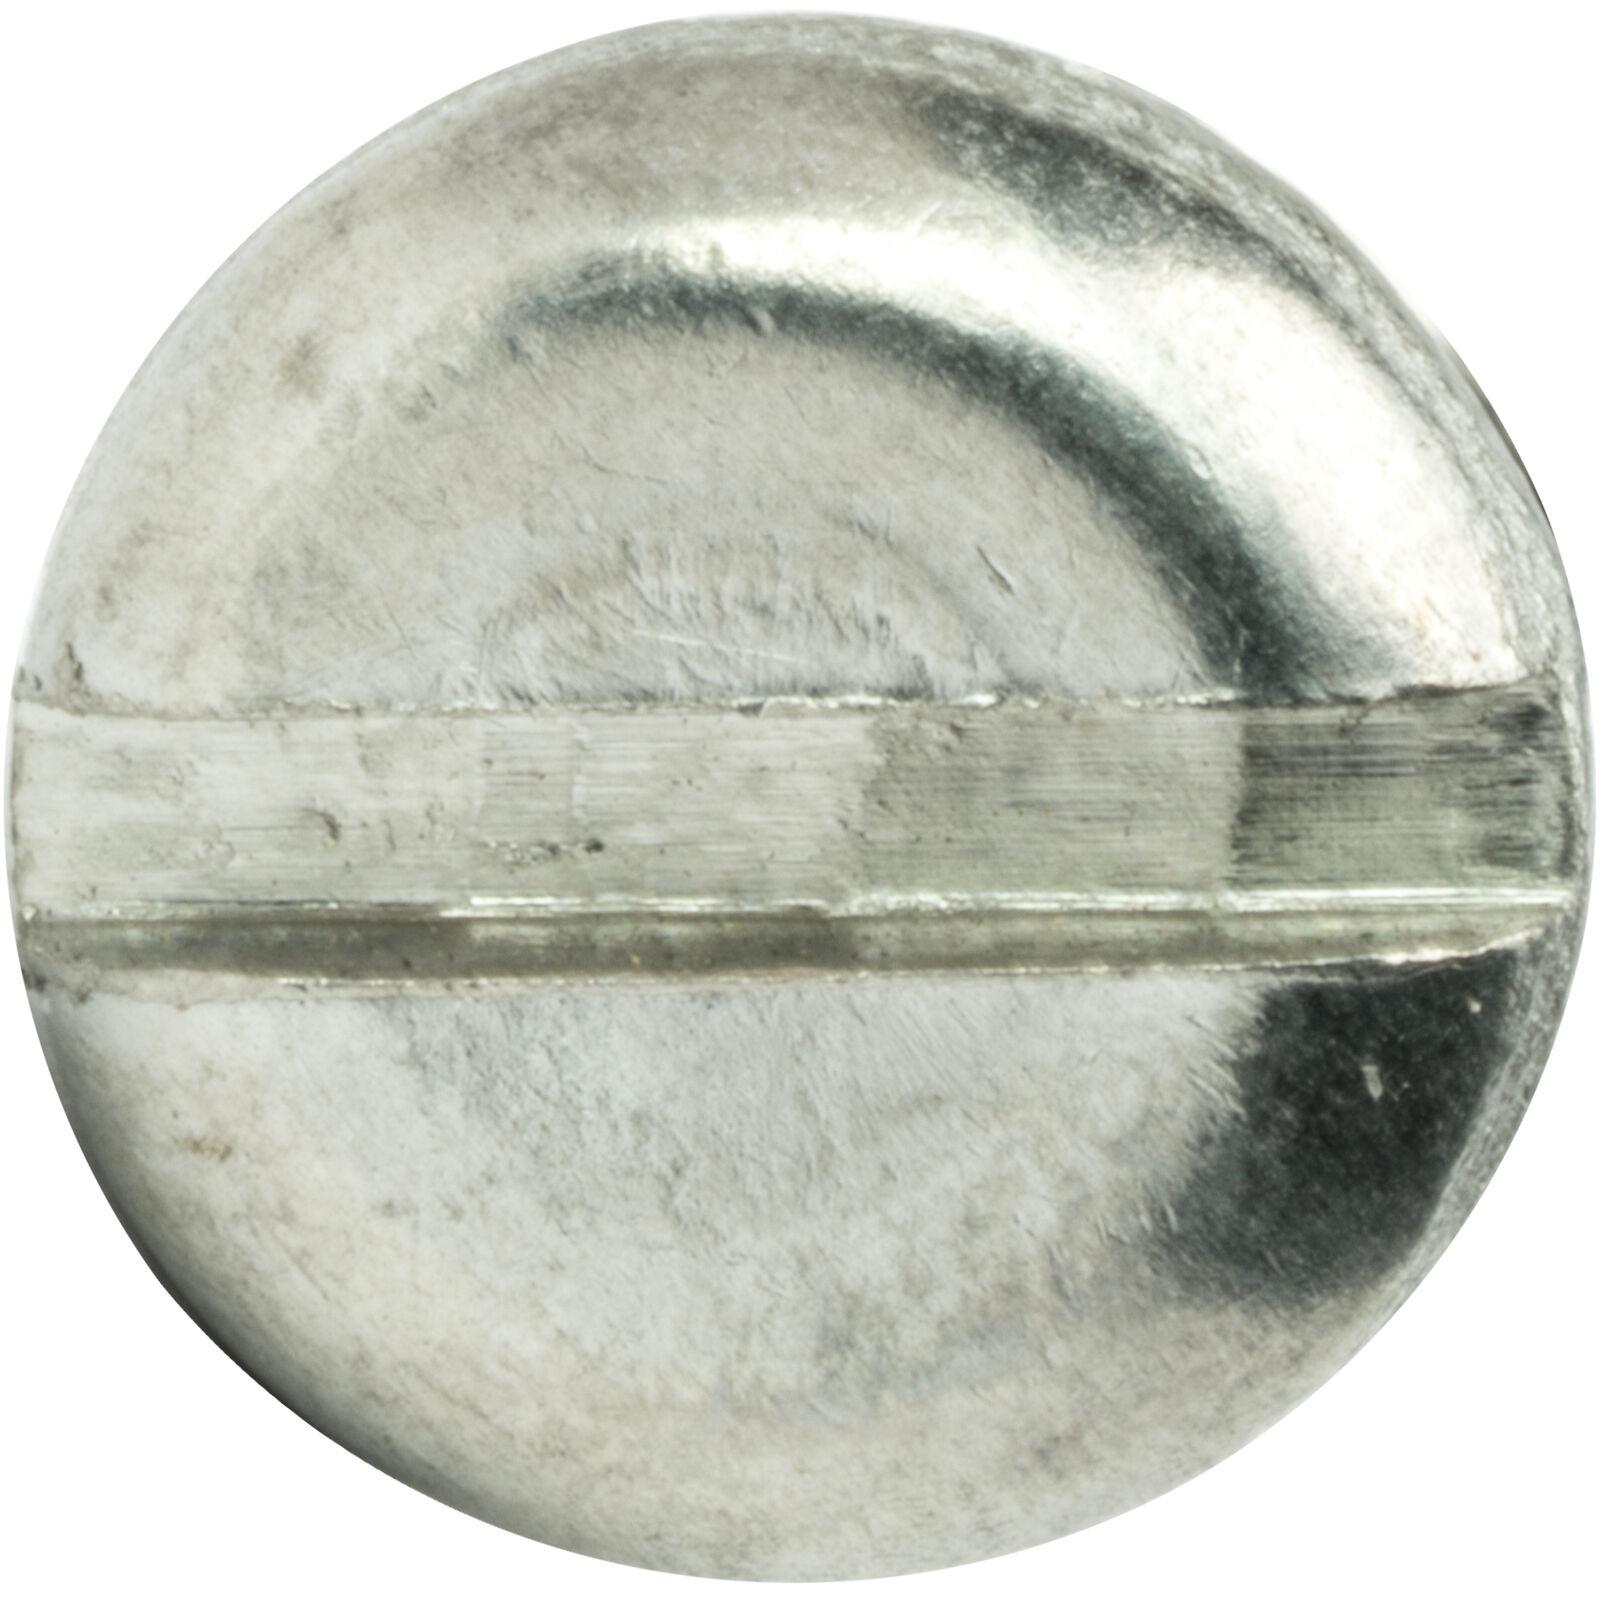 12 X X X 2 Cabeza Plana Tornillos De Metal De Hoja Acero Inoxidable Ranurado Unidad Cantidad 250 5dea07